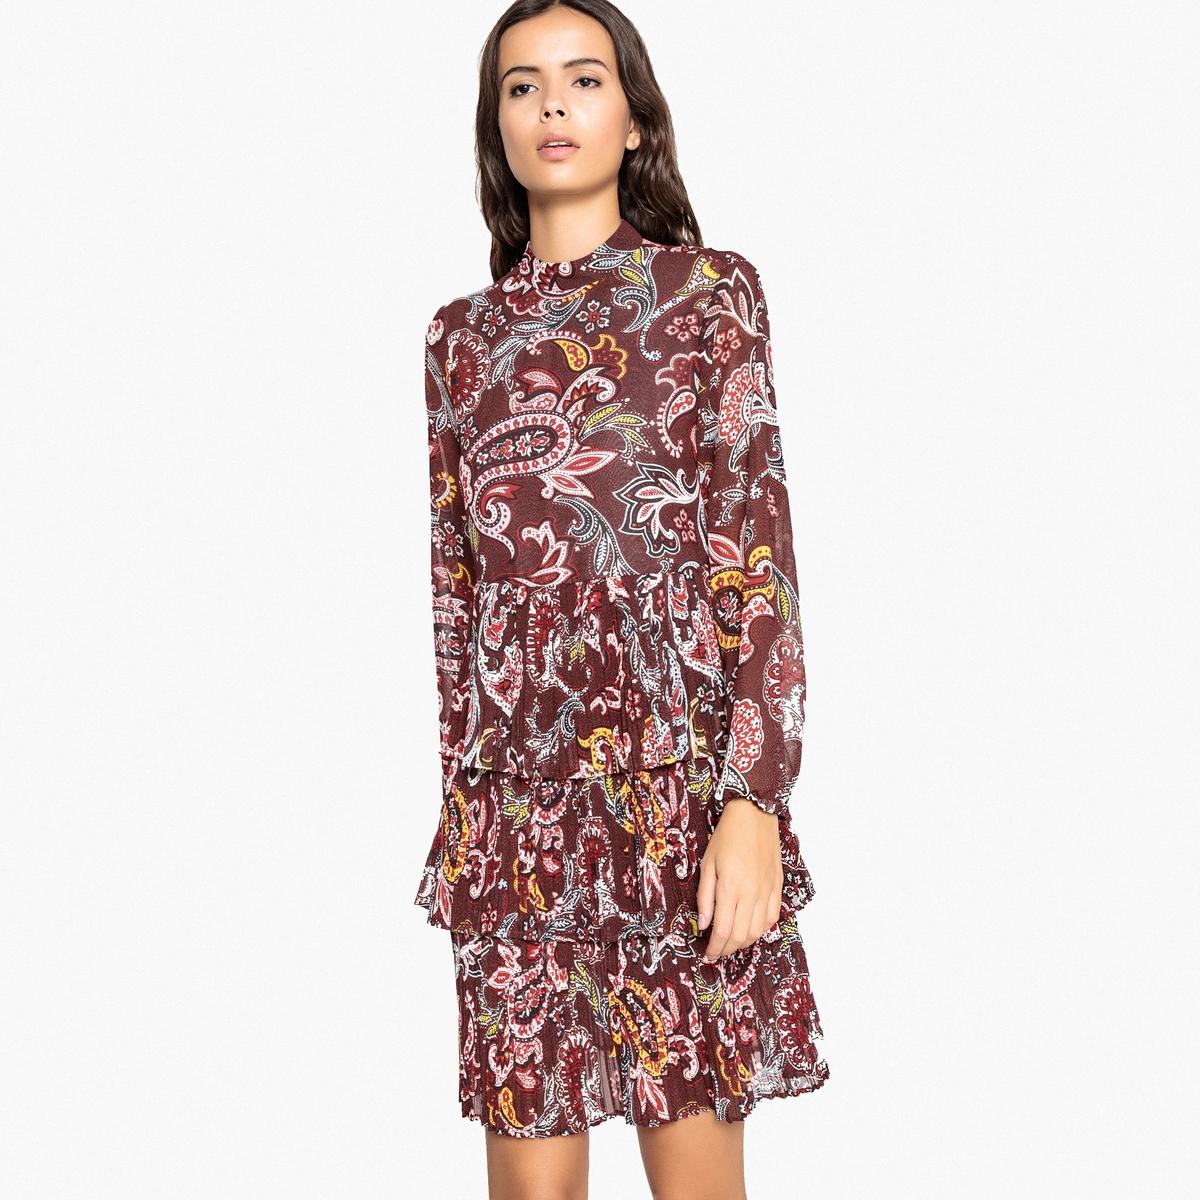 Платье с кашемировым рисунком и плиссированными воланами платок с кашемировым рисунком и кисточками